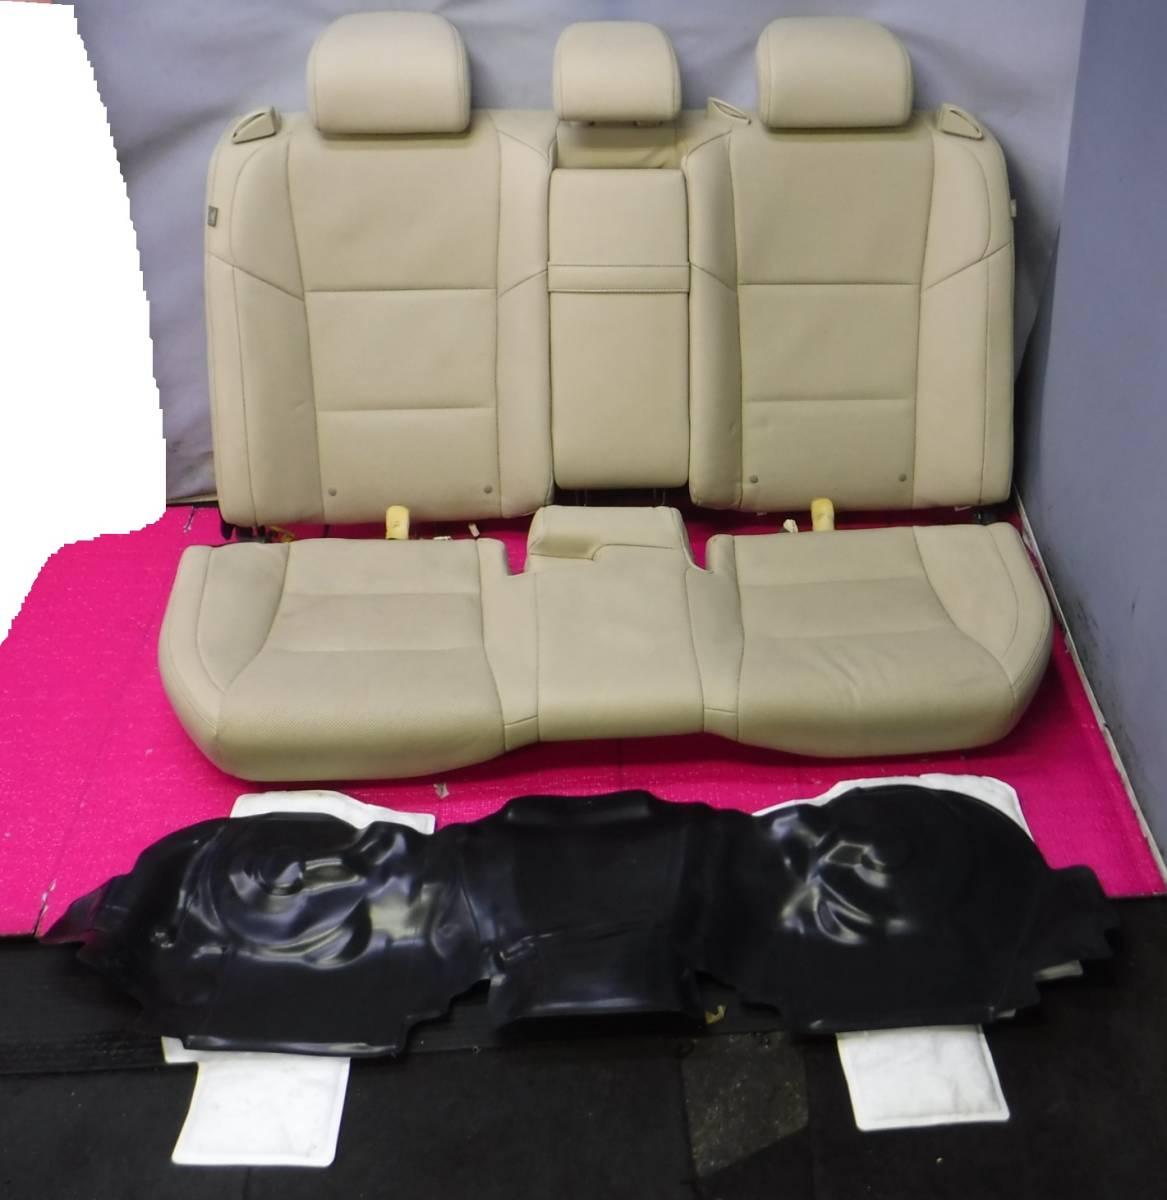 レクサス GS GWL10 レザー シート 1台分 インフレーター欠品 運転席 助手席 後部座席 ドライバーズ アシスタント リア _画像1枚目と2枚目が商品です。